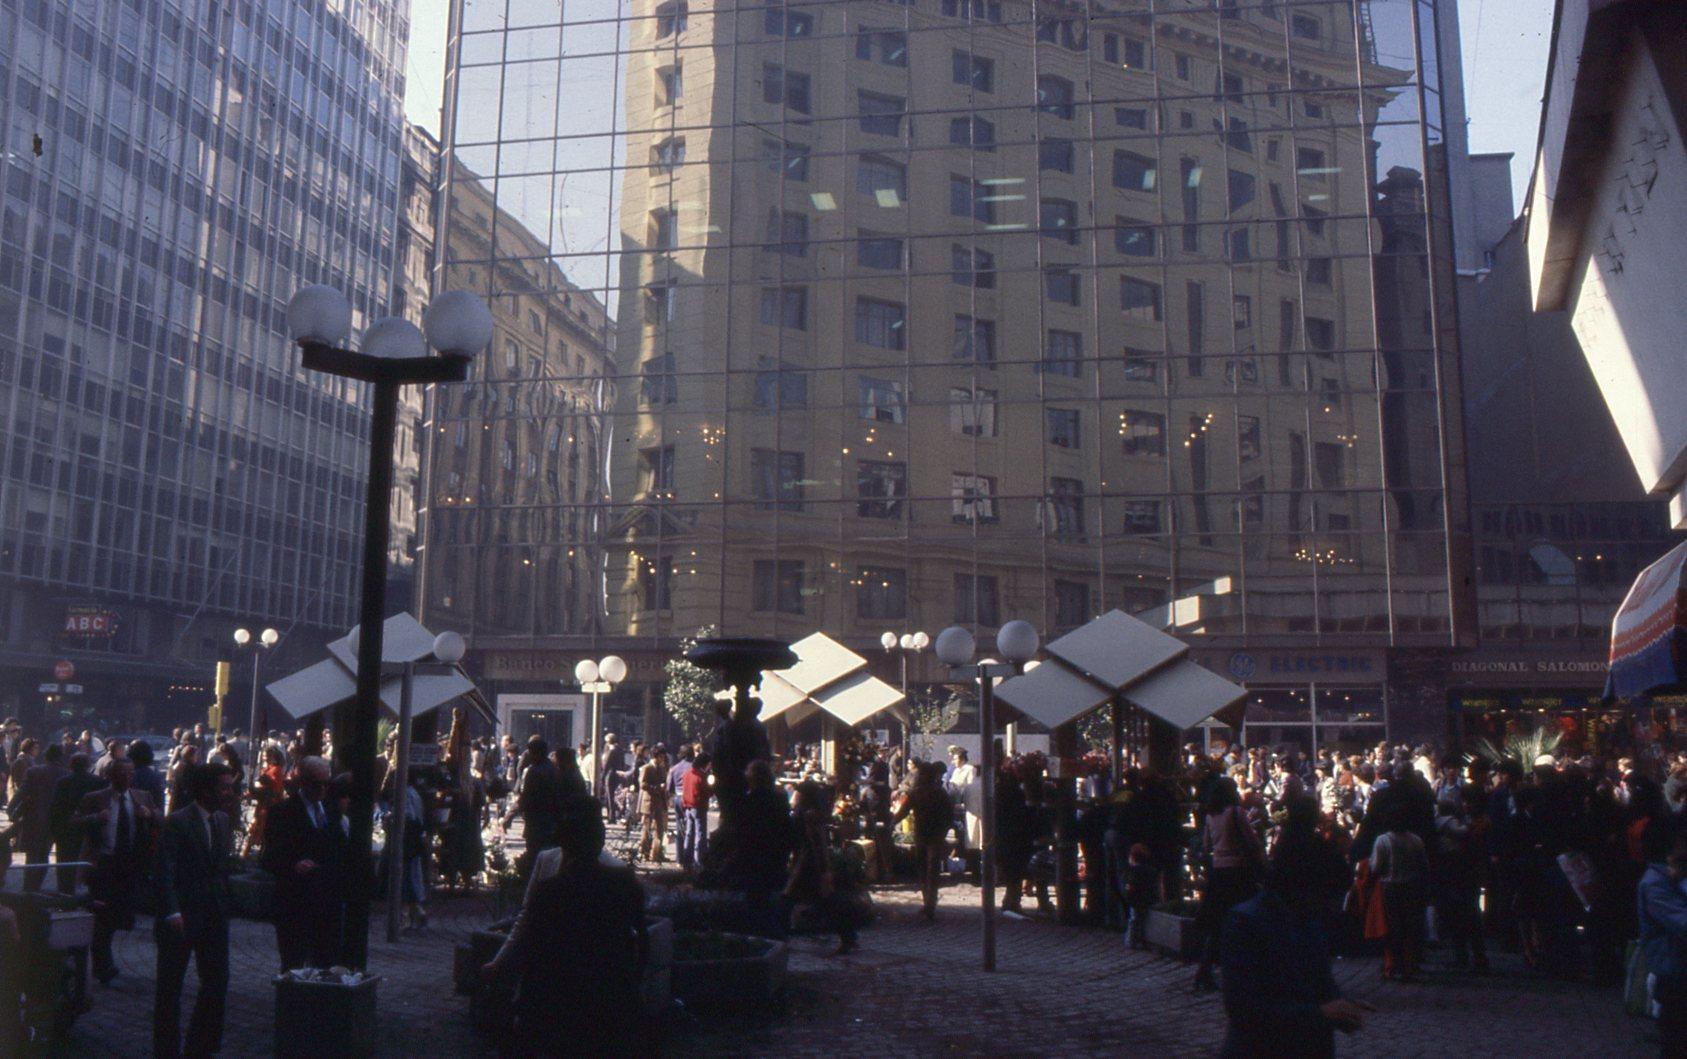 Enterreno - Fotos históricas de chile - fotos antiguas de Chile - Paseo Ahumada y Calle Nueva York, 1980